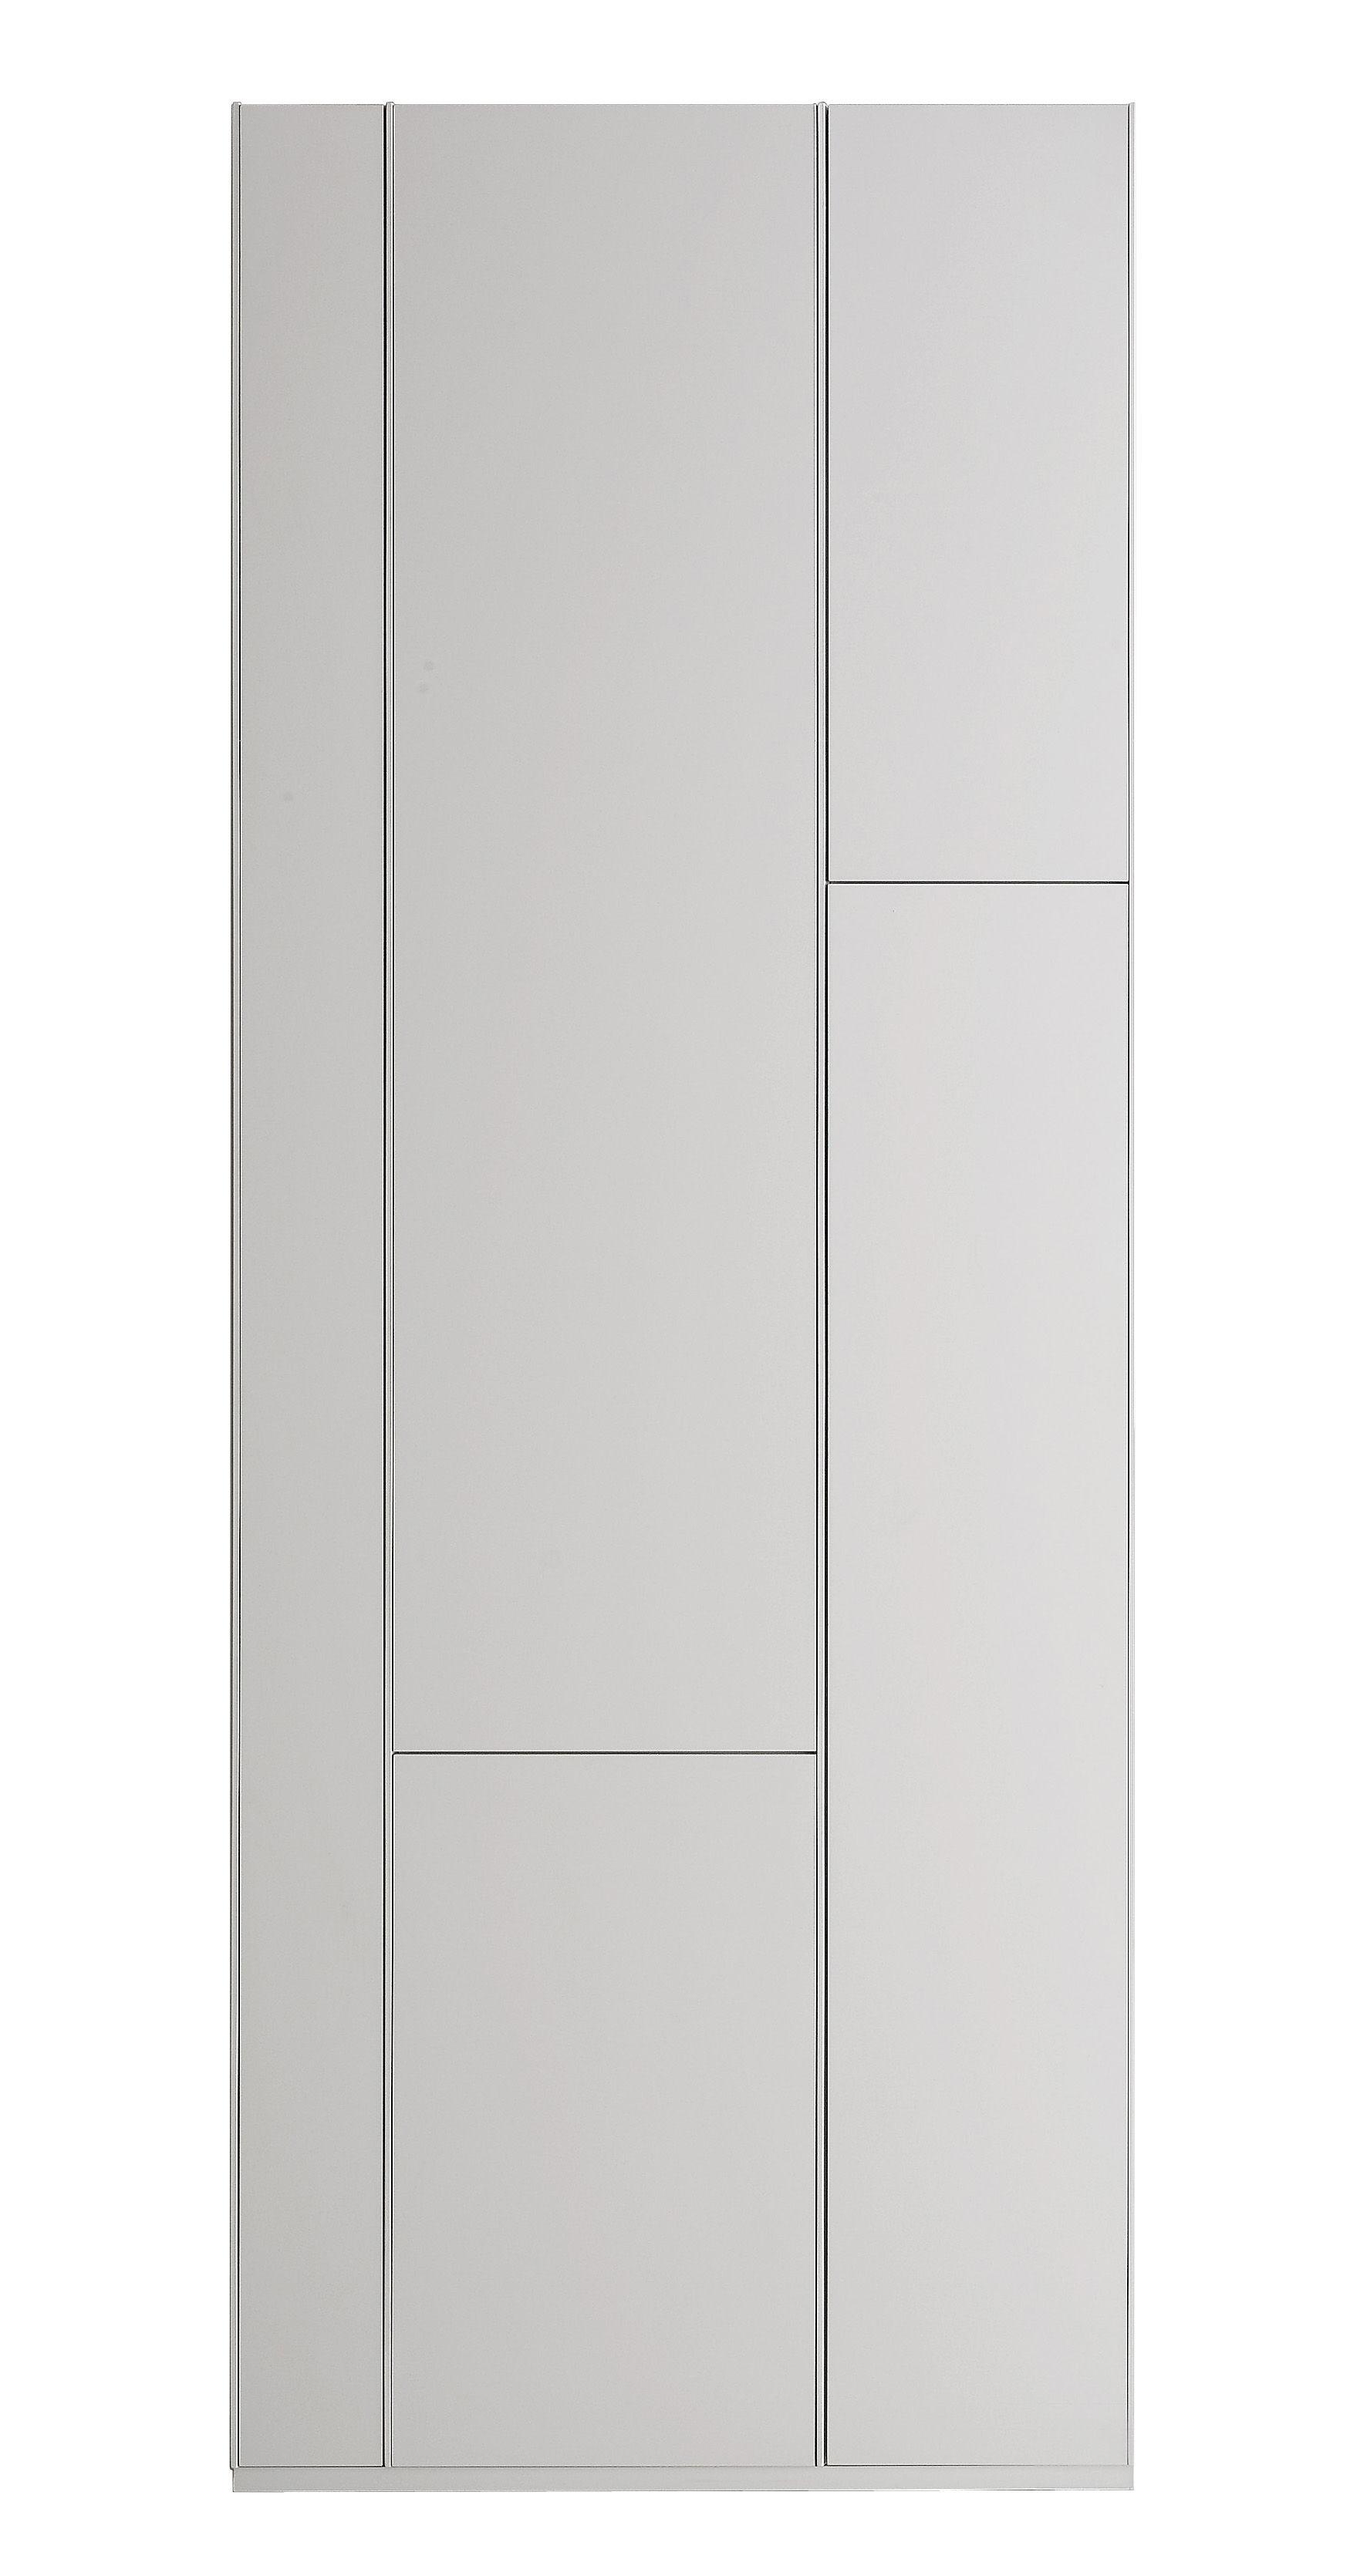 Arredamento - Scaffali e librerie - Libreria Random Cabinet di MDF Italia - Laccato bianco - Fibra di legno laccata